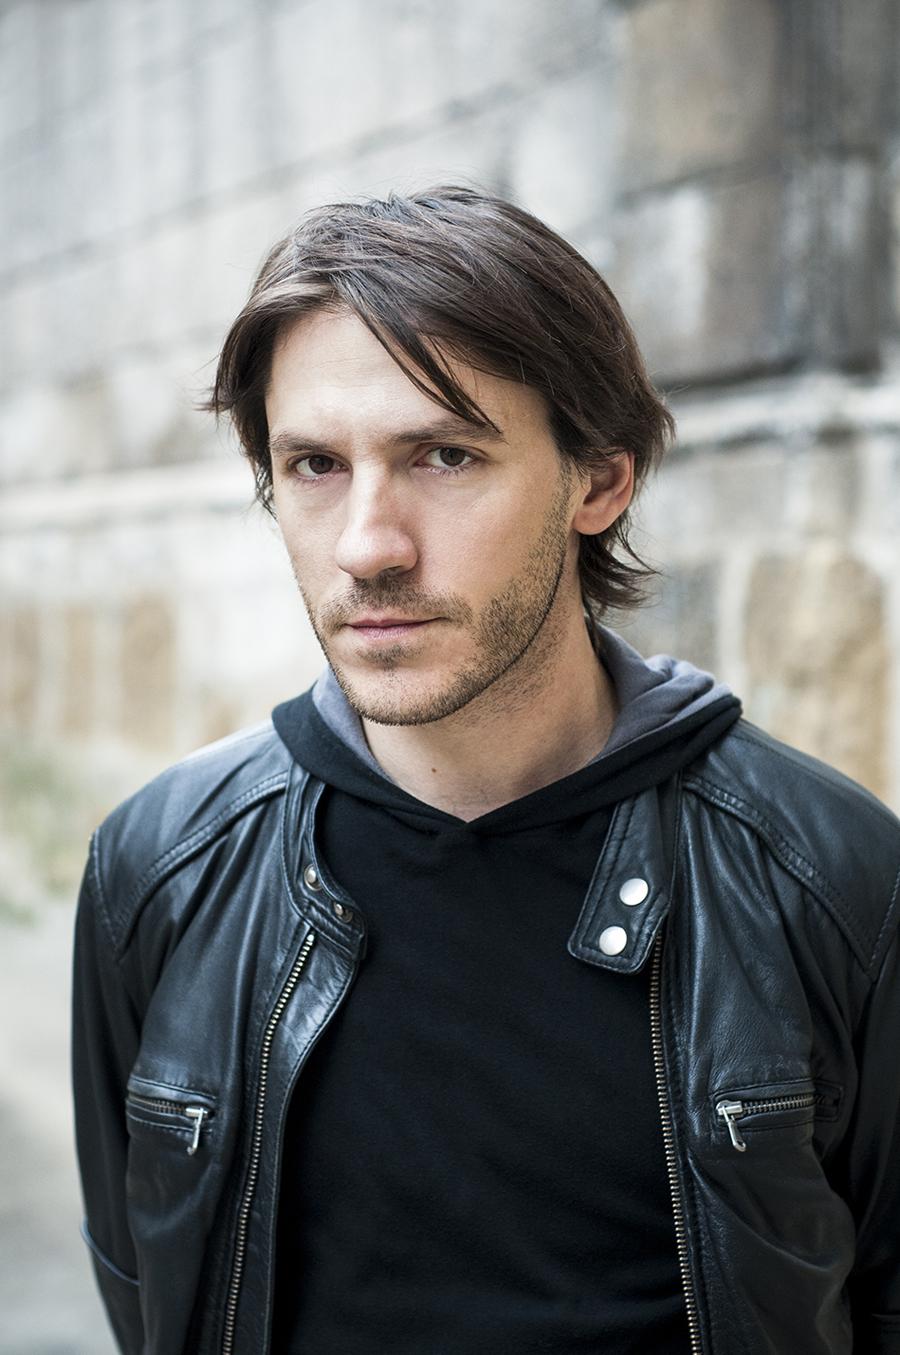 Grégoire Courtois